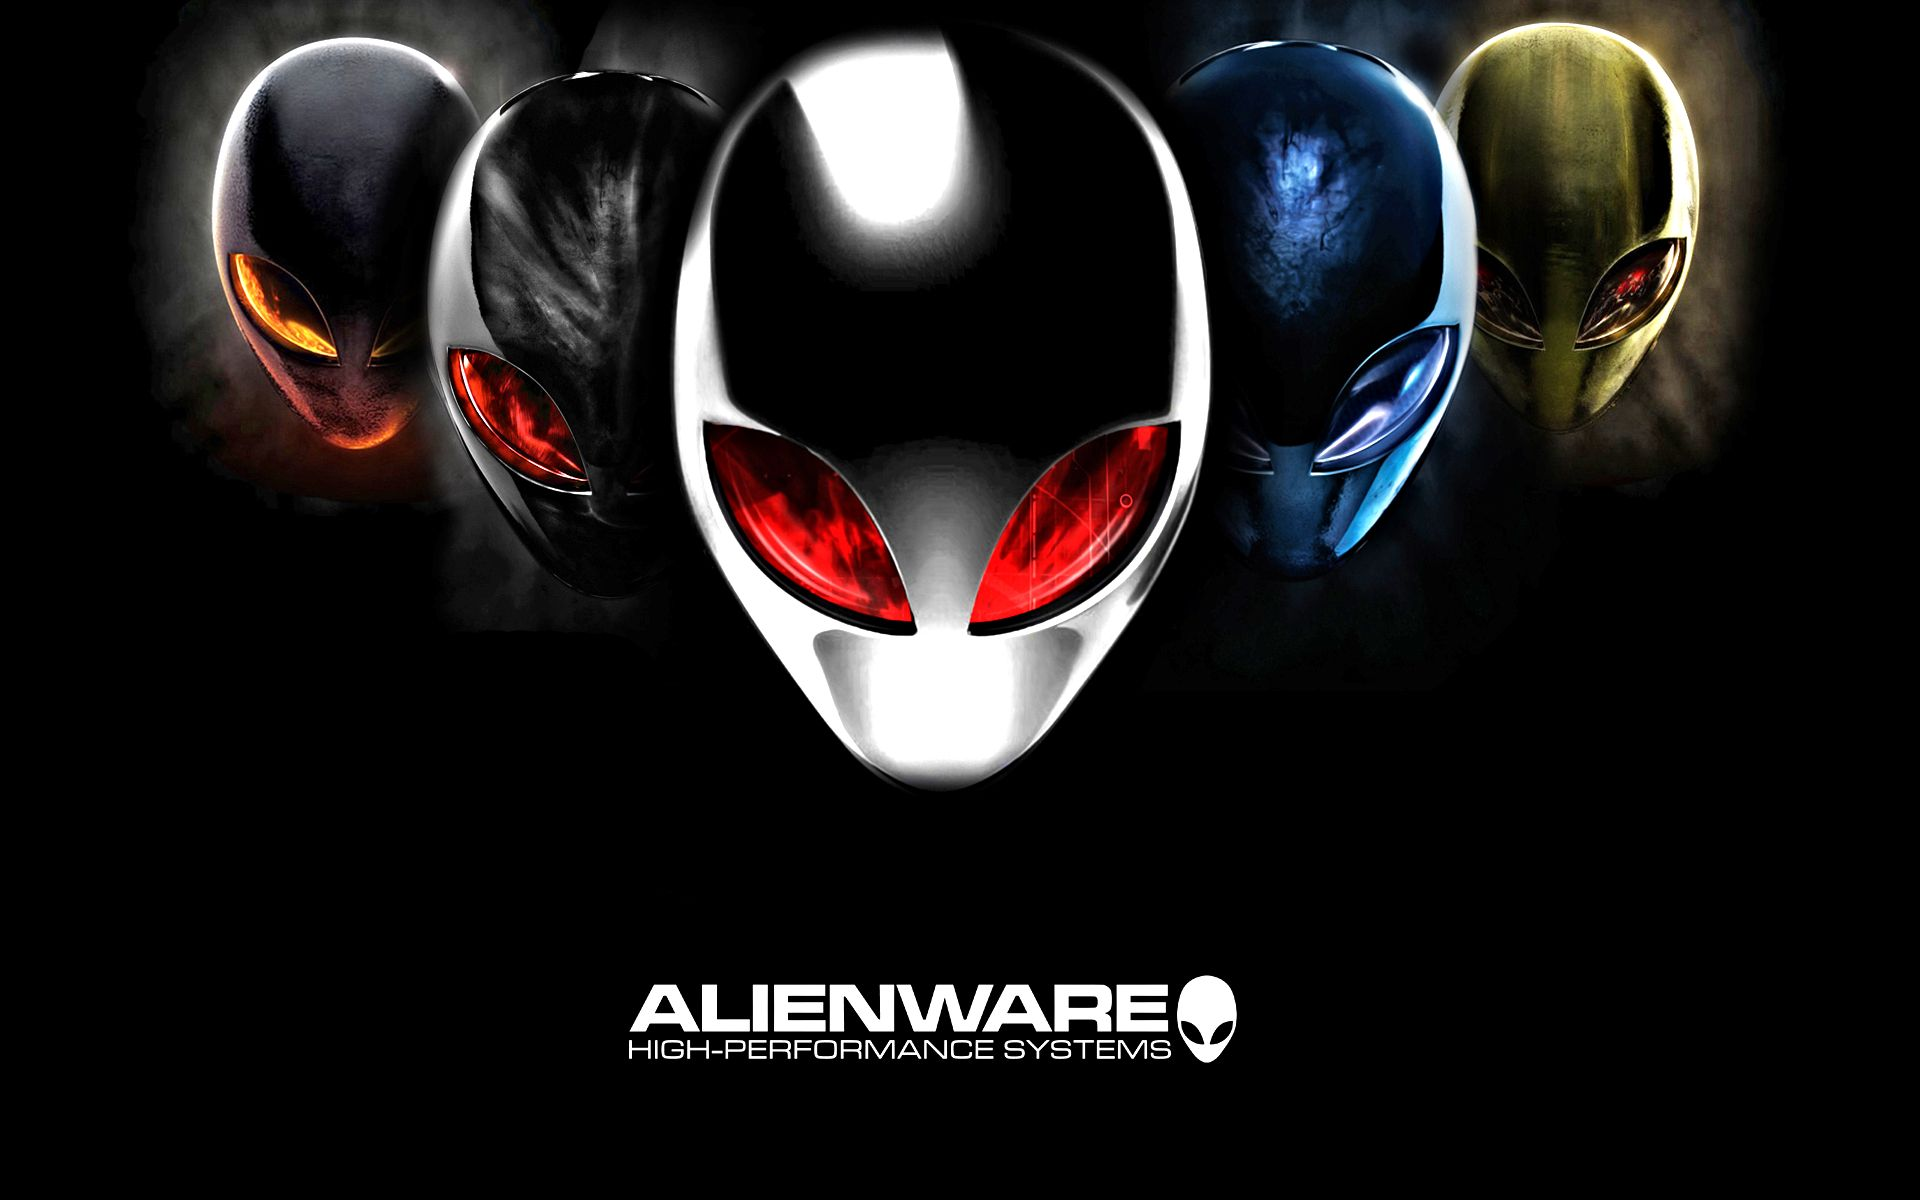 Alienware In 2019 Alienware Black Hd Wallpaper Hd Wallpaper